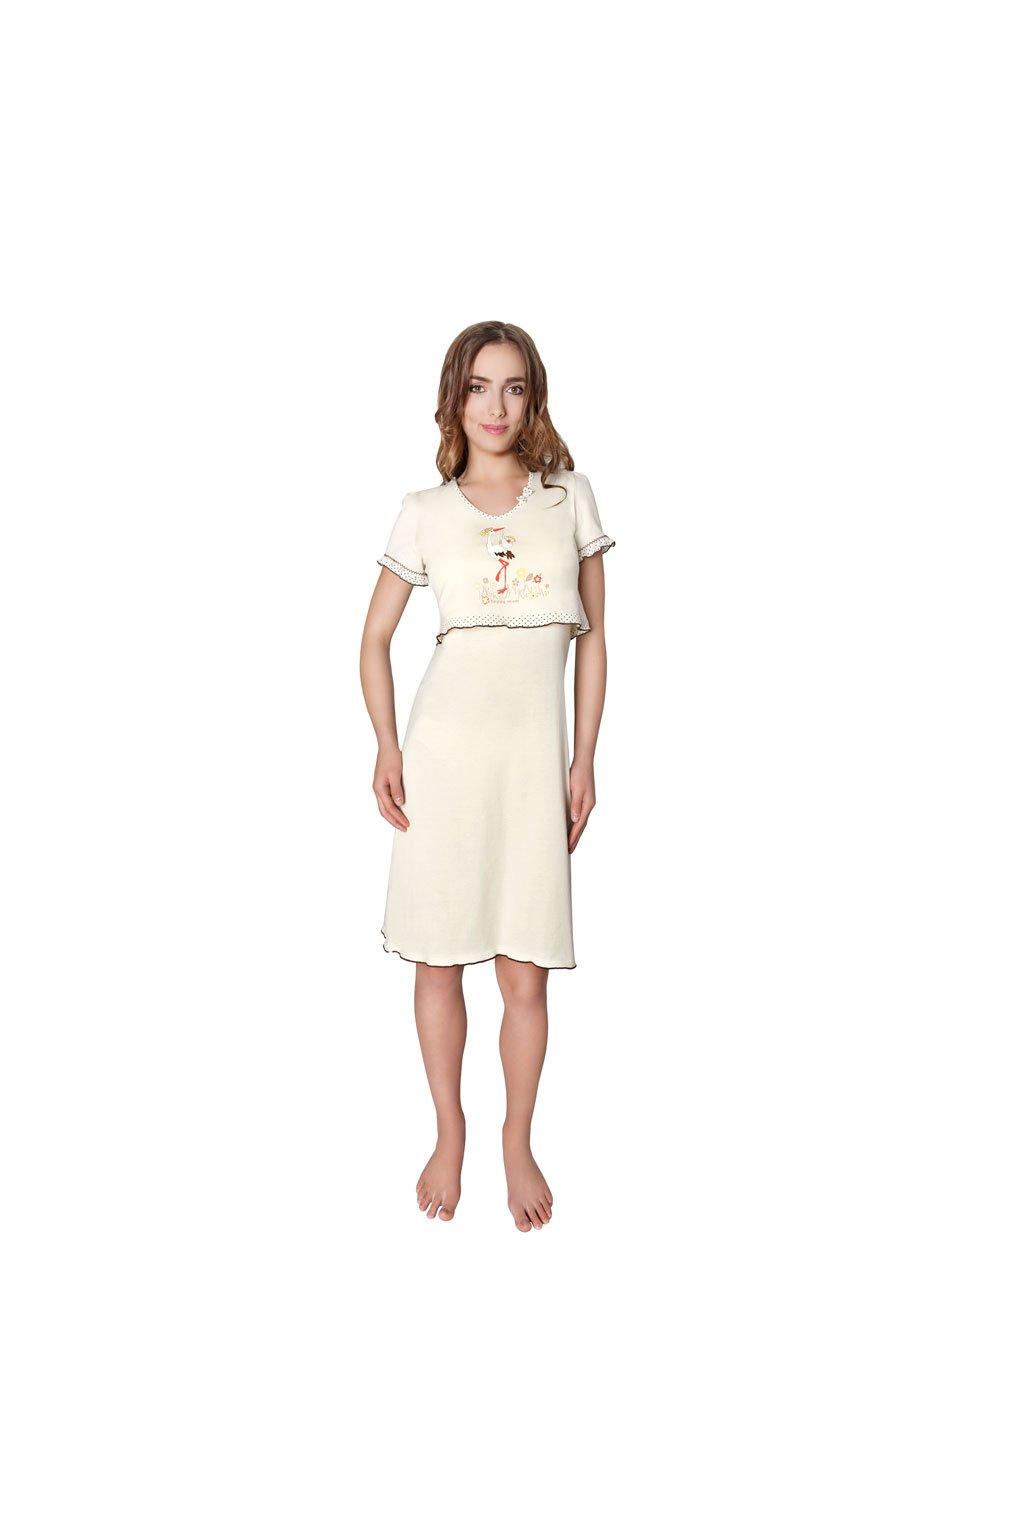 Dámská noční košile s krátkým rukávem, 104230 3, smetanová